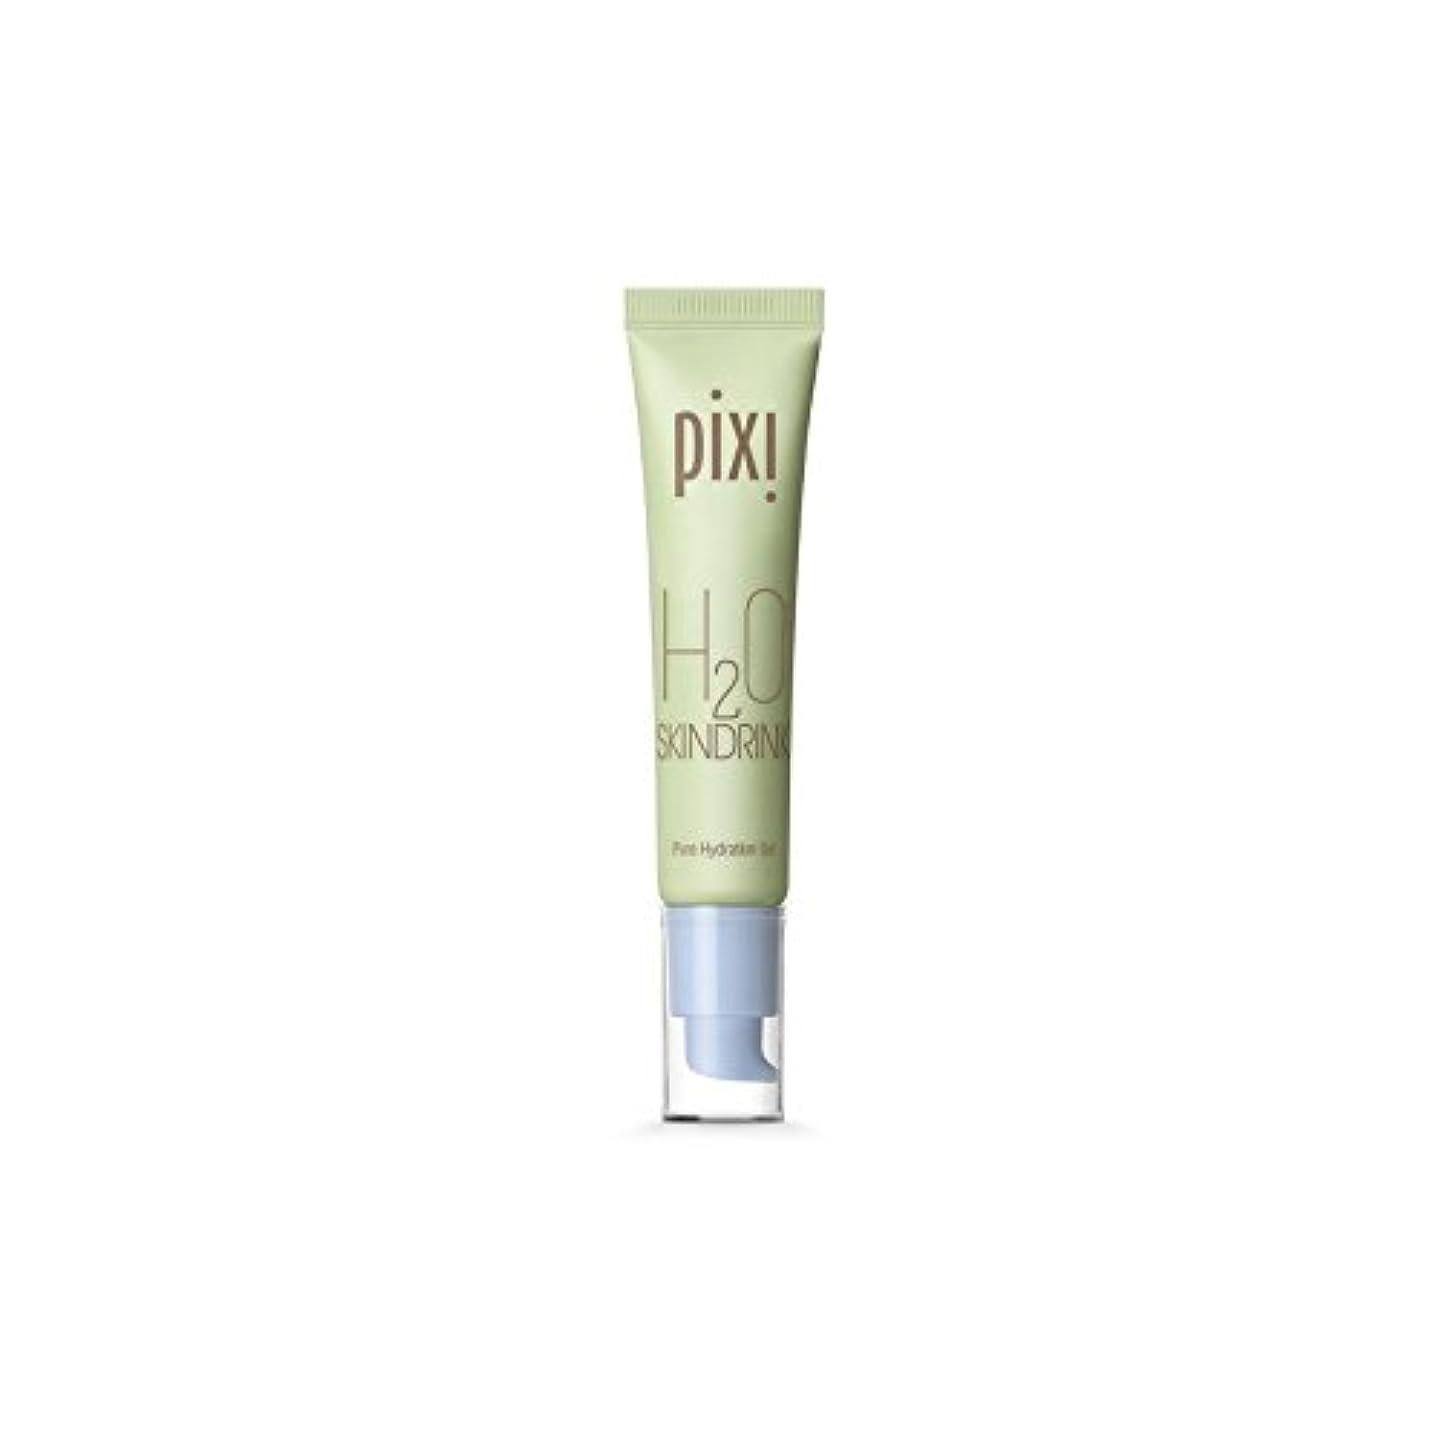 中庭スクラッチ事故20スキンドリンク x4 - Pixi H20 Skin Drink (Pack of 4) [並行輸入品]